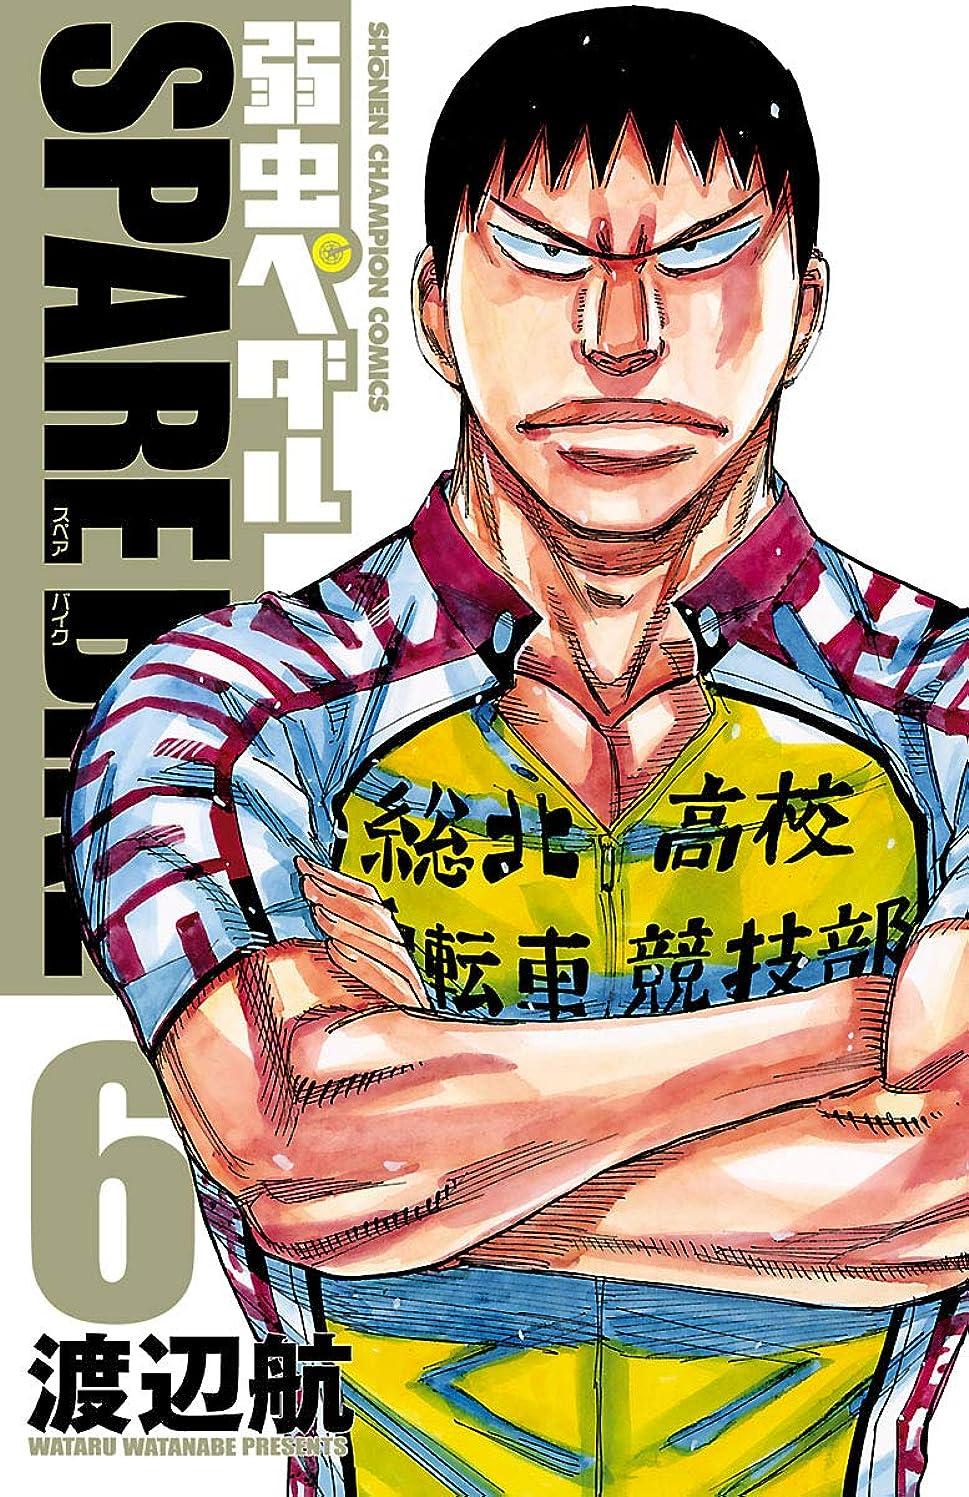 二次国旗三角形弱虫ペダル SPARE BIKE 6 (少年チャンピオン?コミックス)